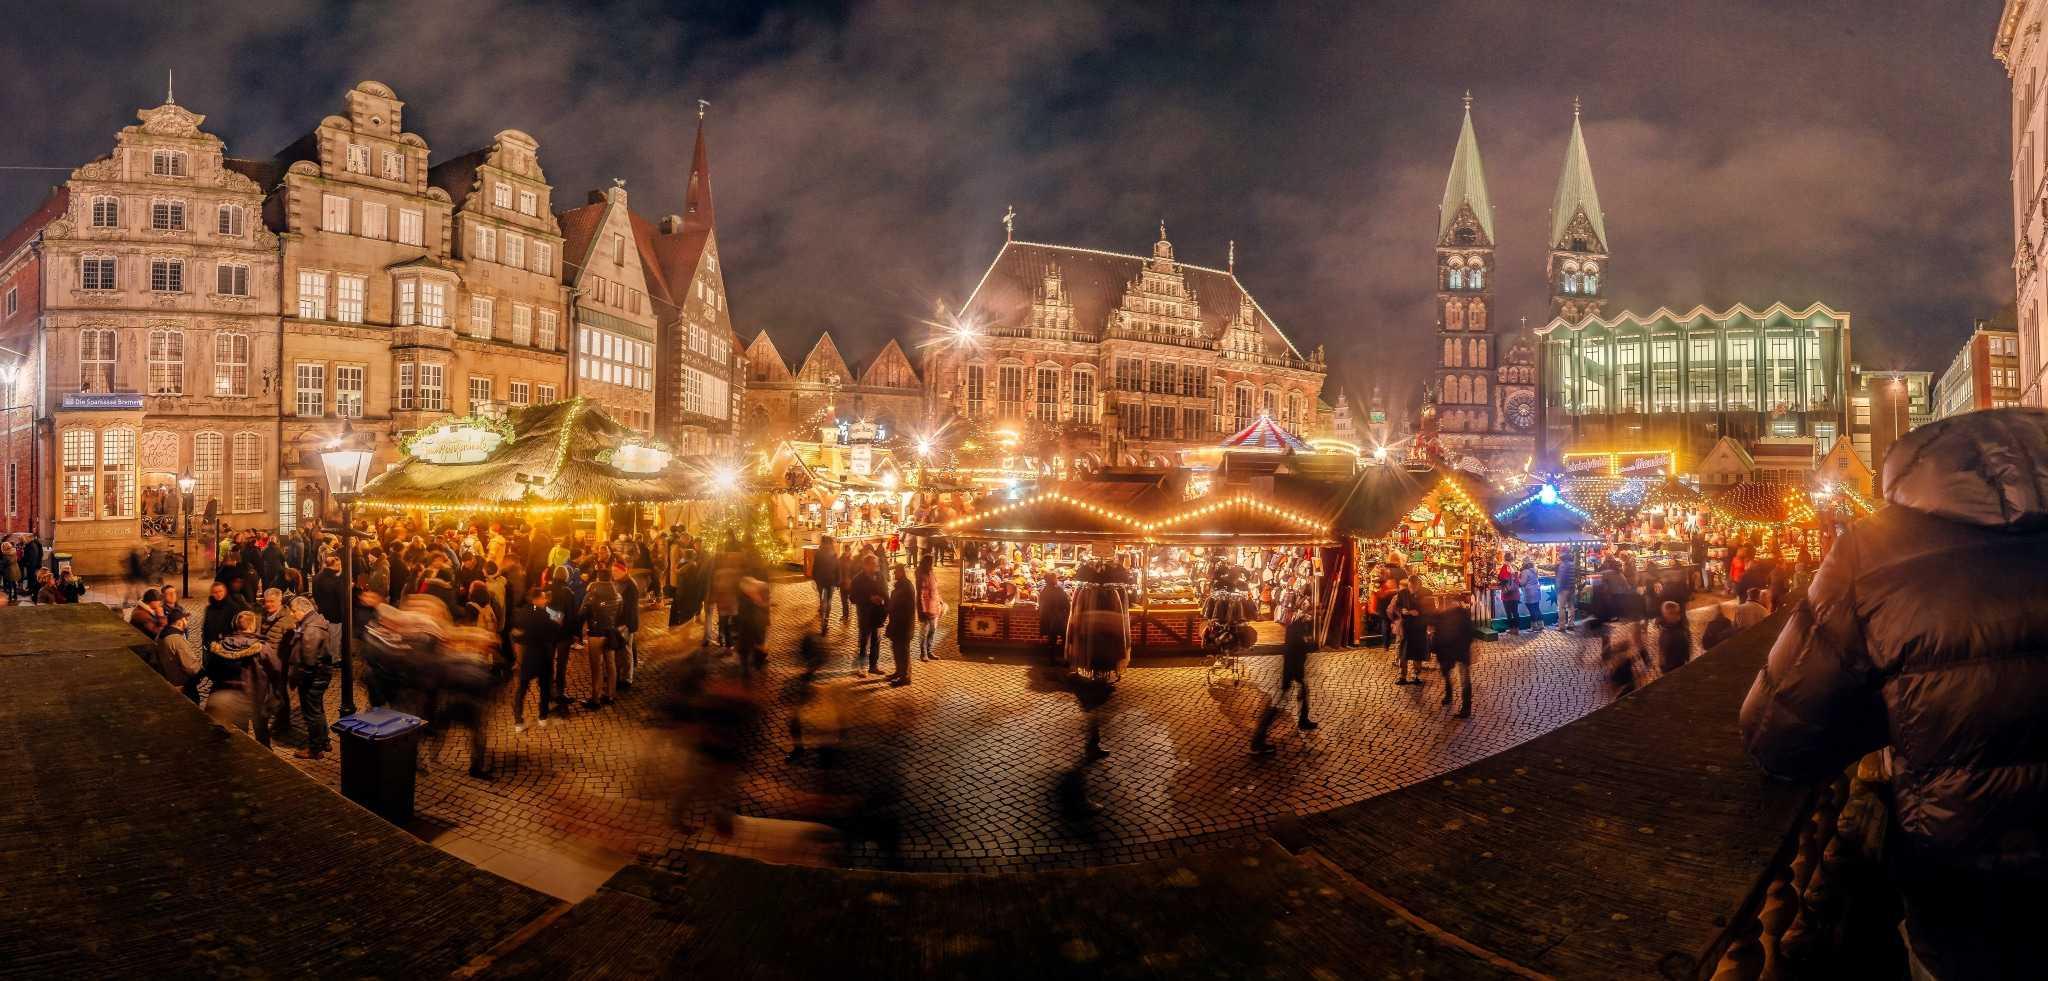 Bremen Weihnachtsmarkt.Angebote Zur Weihnachtszeit In Bremen Schöne Heide